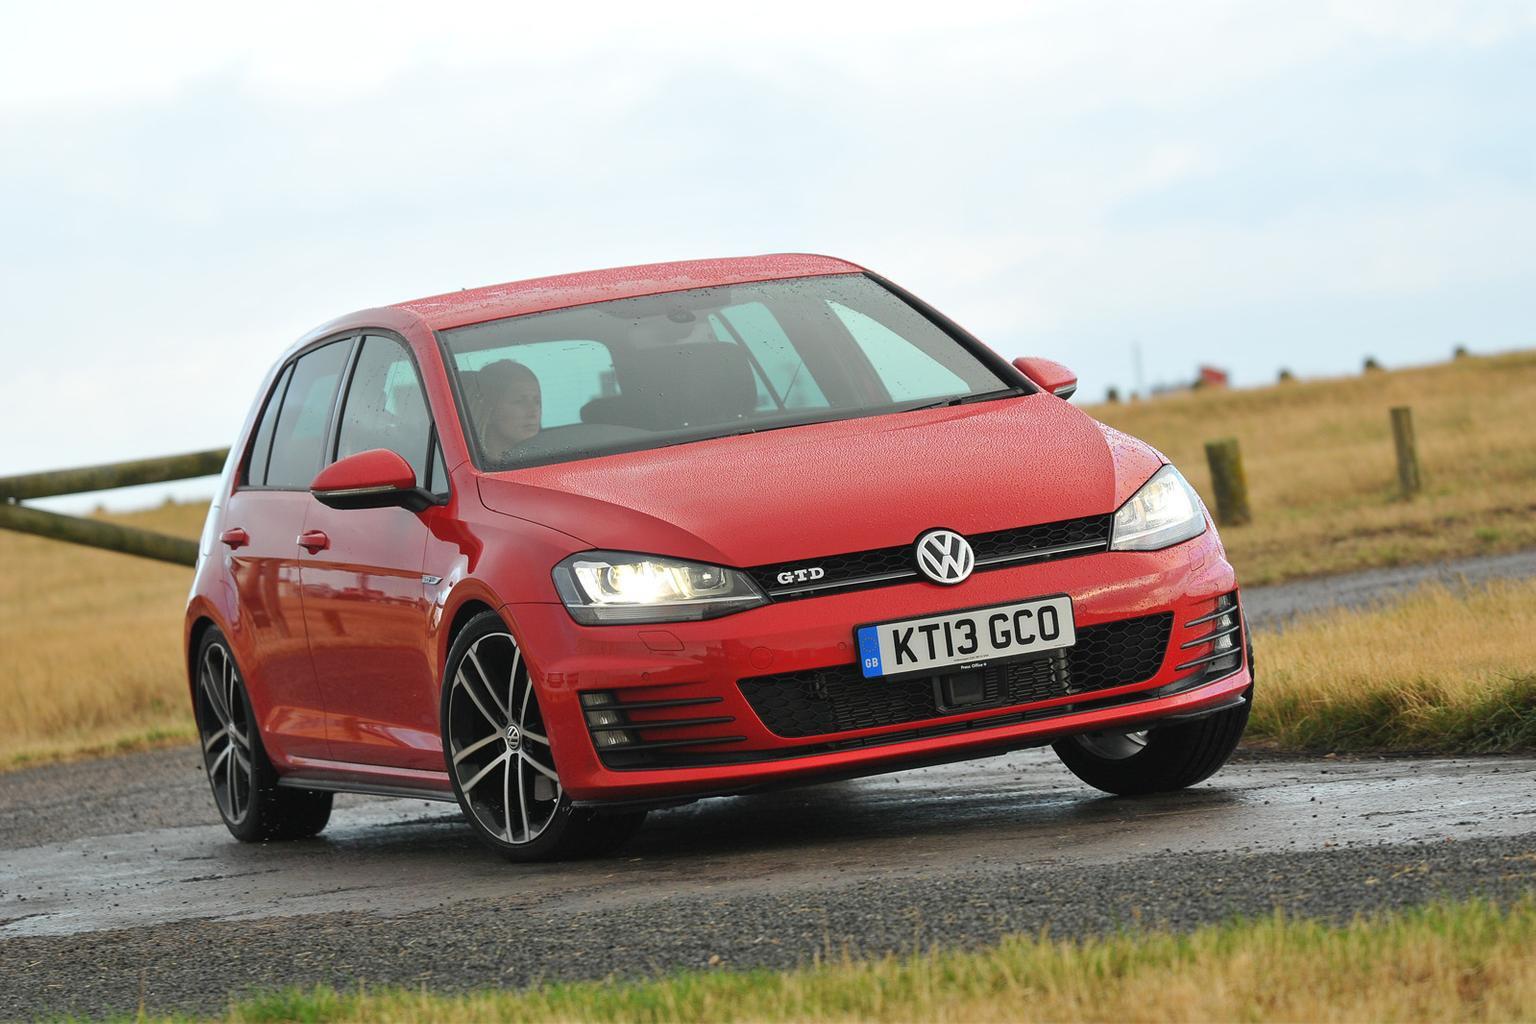 2013 VW Golf GTD review